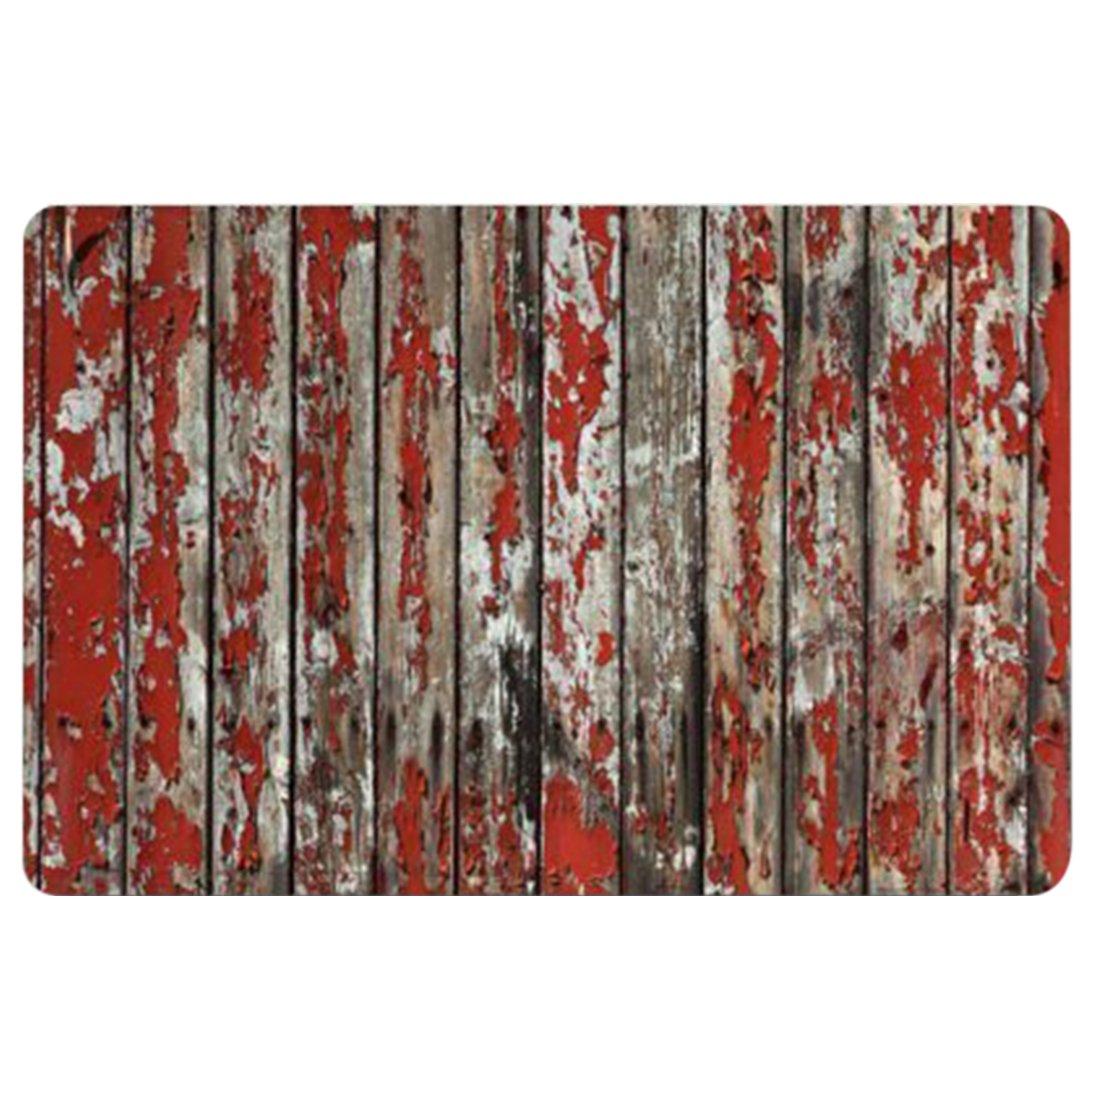 Doormat, Wood,Rustic Old Barn Wood Indoor/Kitchen/Bathroom Mats Rubber Non Slip Door Mats,Red Grey 18x30inch